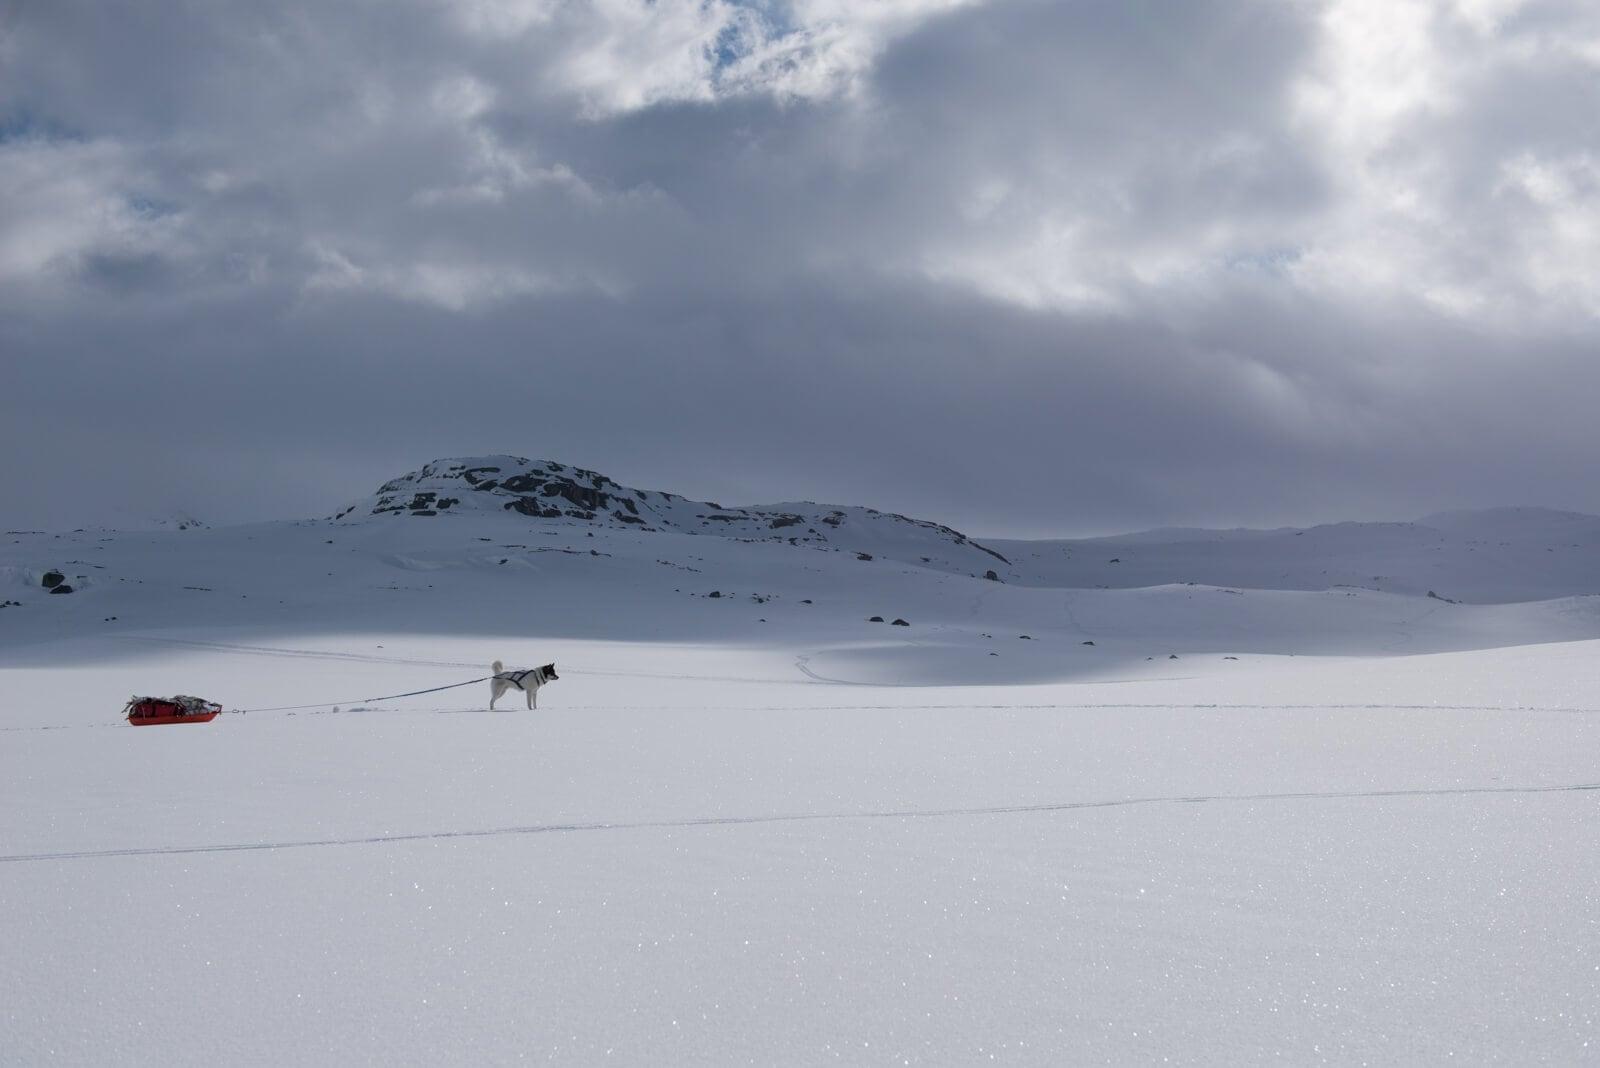 Akiak-the-adventure-dog-freeyork-6